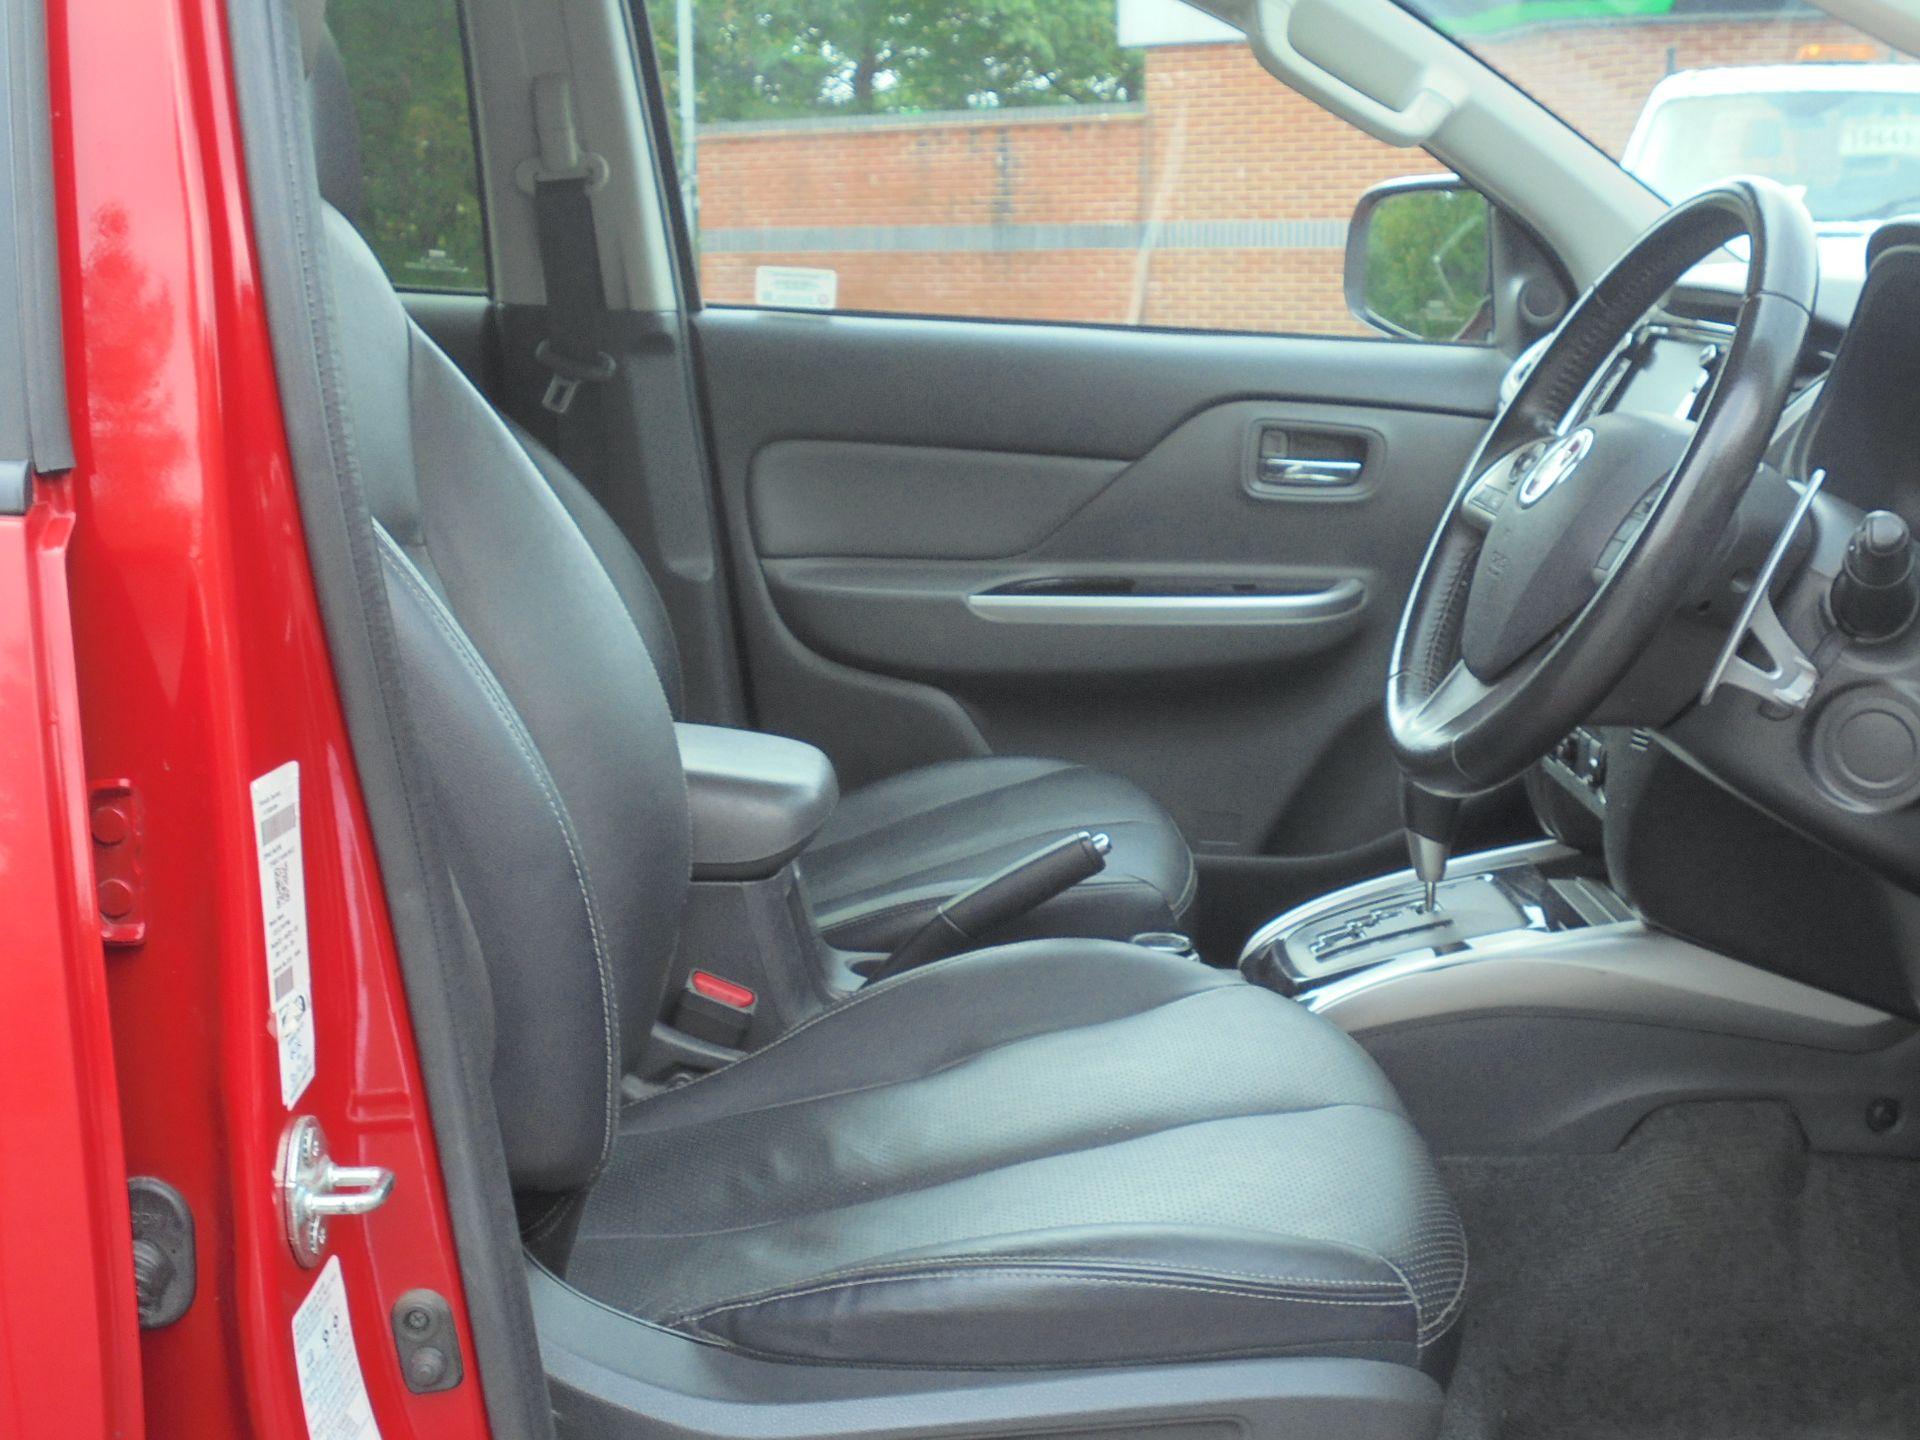 2018 Fiat Fullback 2.4 180Hp Lx Double Cab Pick Up Auto (WM18KWG) Image 12